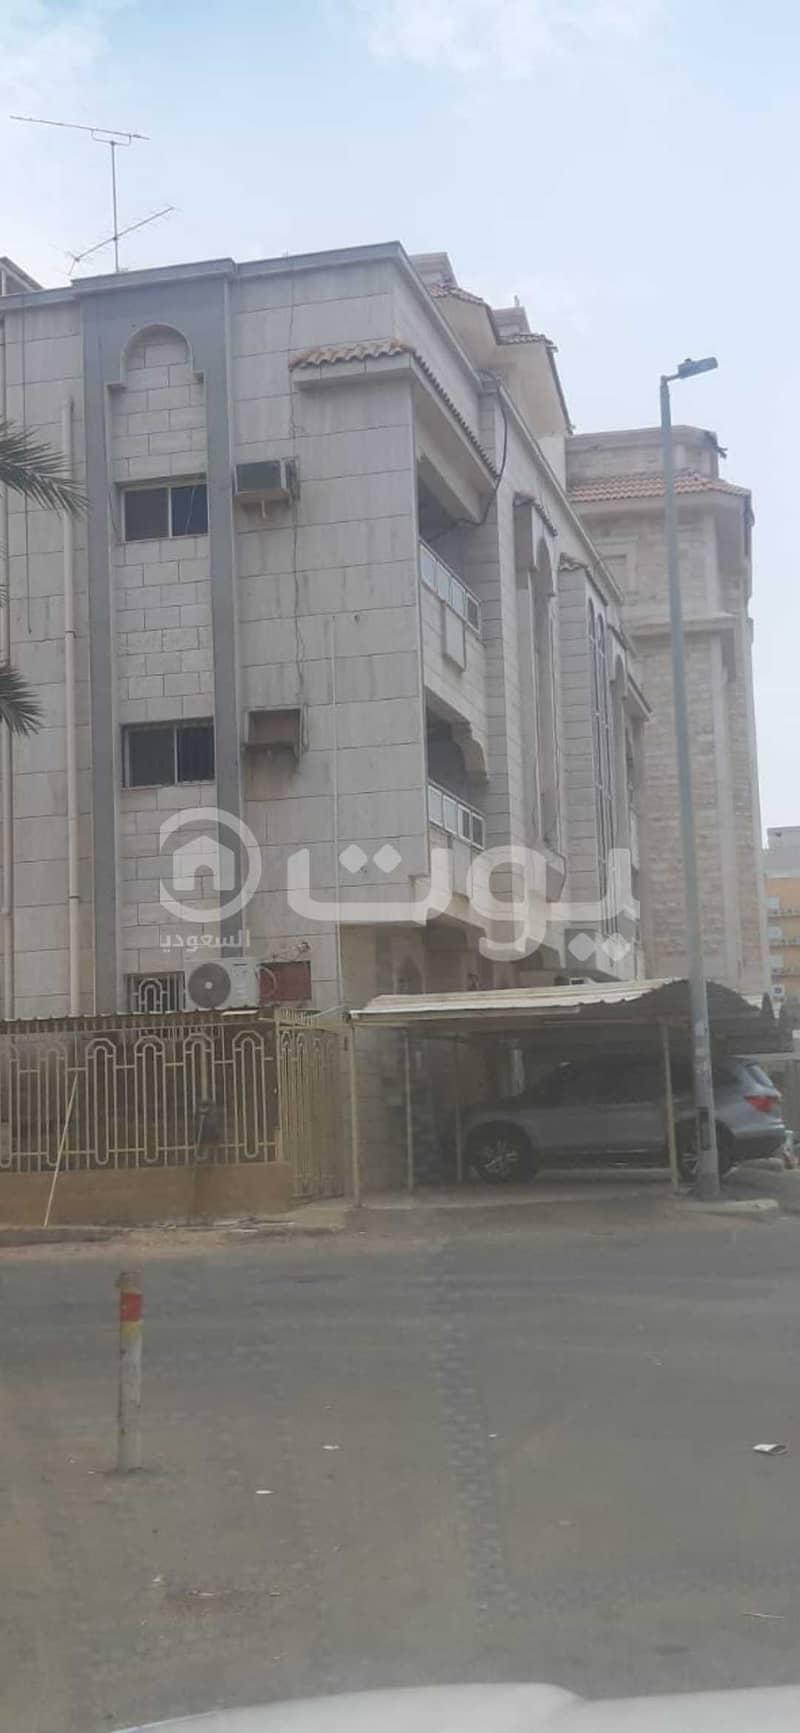 عمارة سكنية   مع مصعد للبيع في حي الصفا، شمال جدة